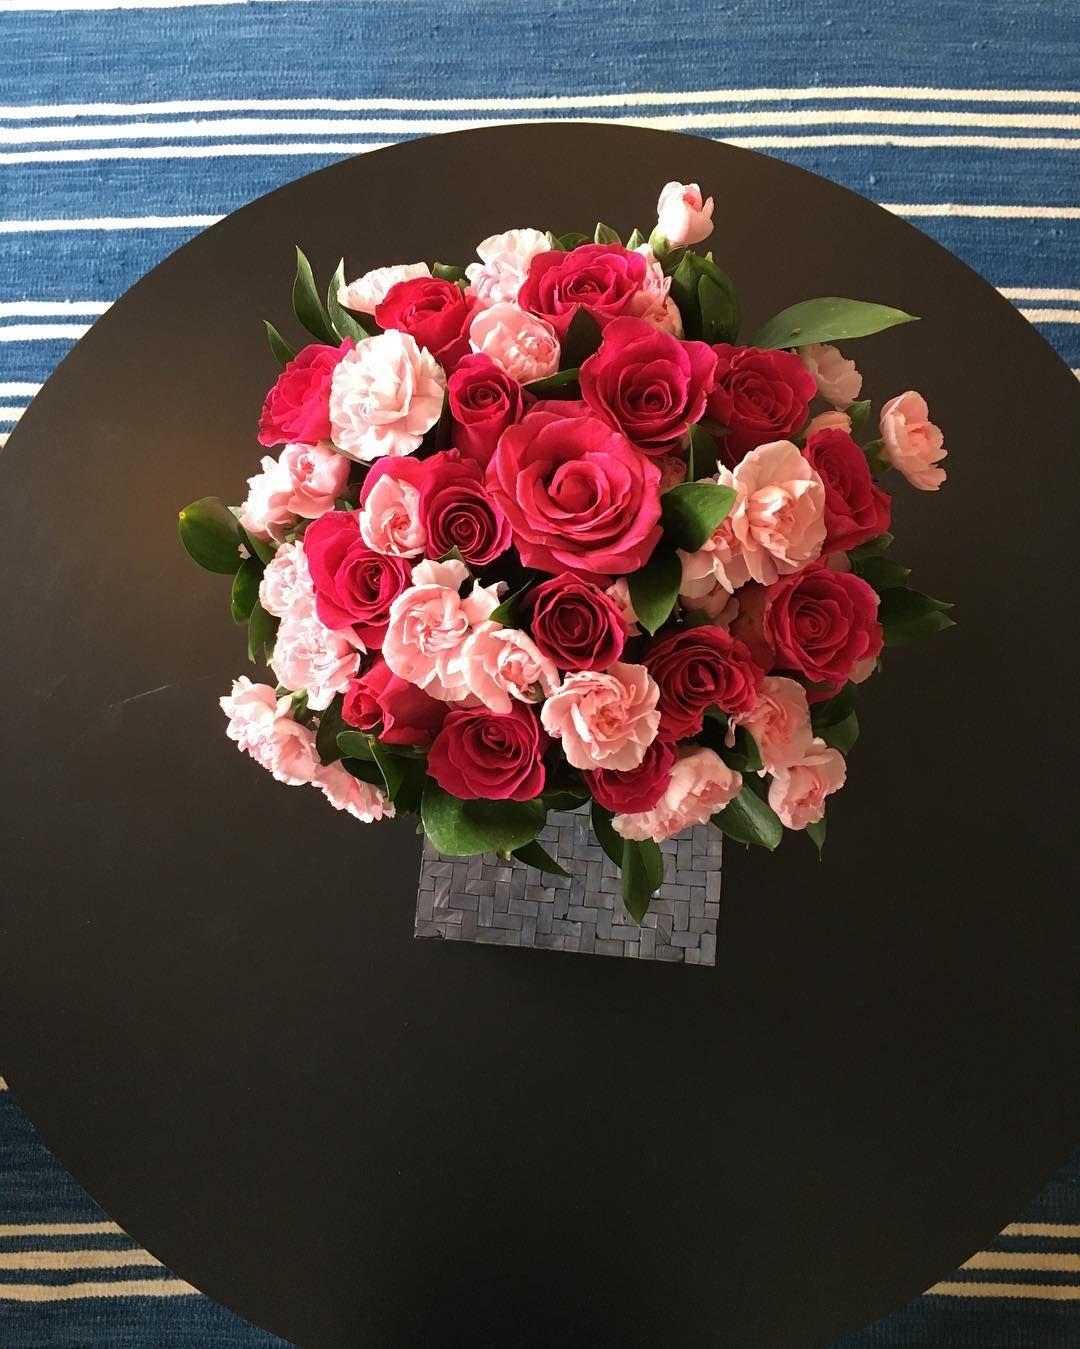 Minha sala e suas flores Chegar aqui todos os dias me traz aconchego e energia  #gratidao #myplace